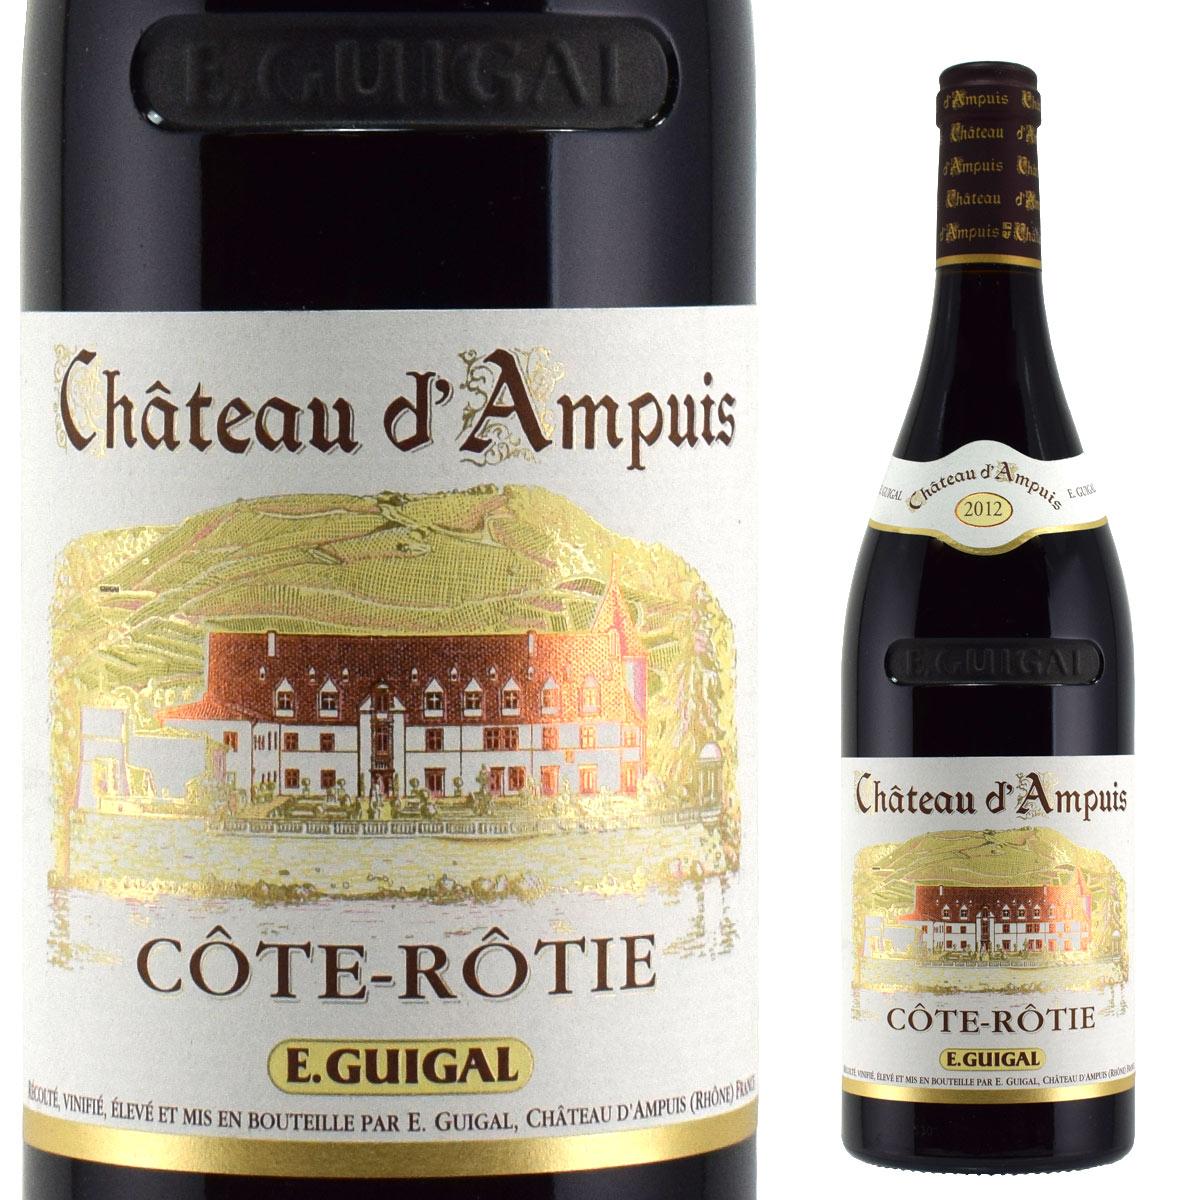 ギガル コート・ロティ シャトー・ダンピュイ 2012 750ml赤 ローヌワイン Cote Rotie Ch.d'Ampuis E.GUIGAL